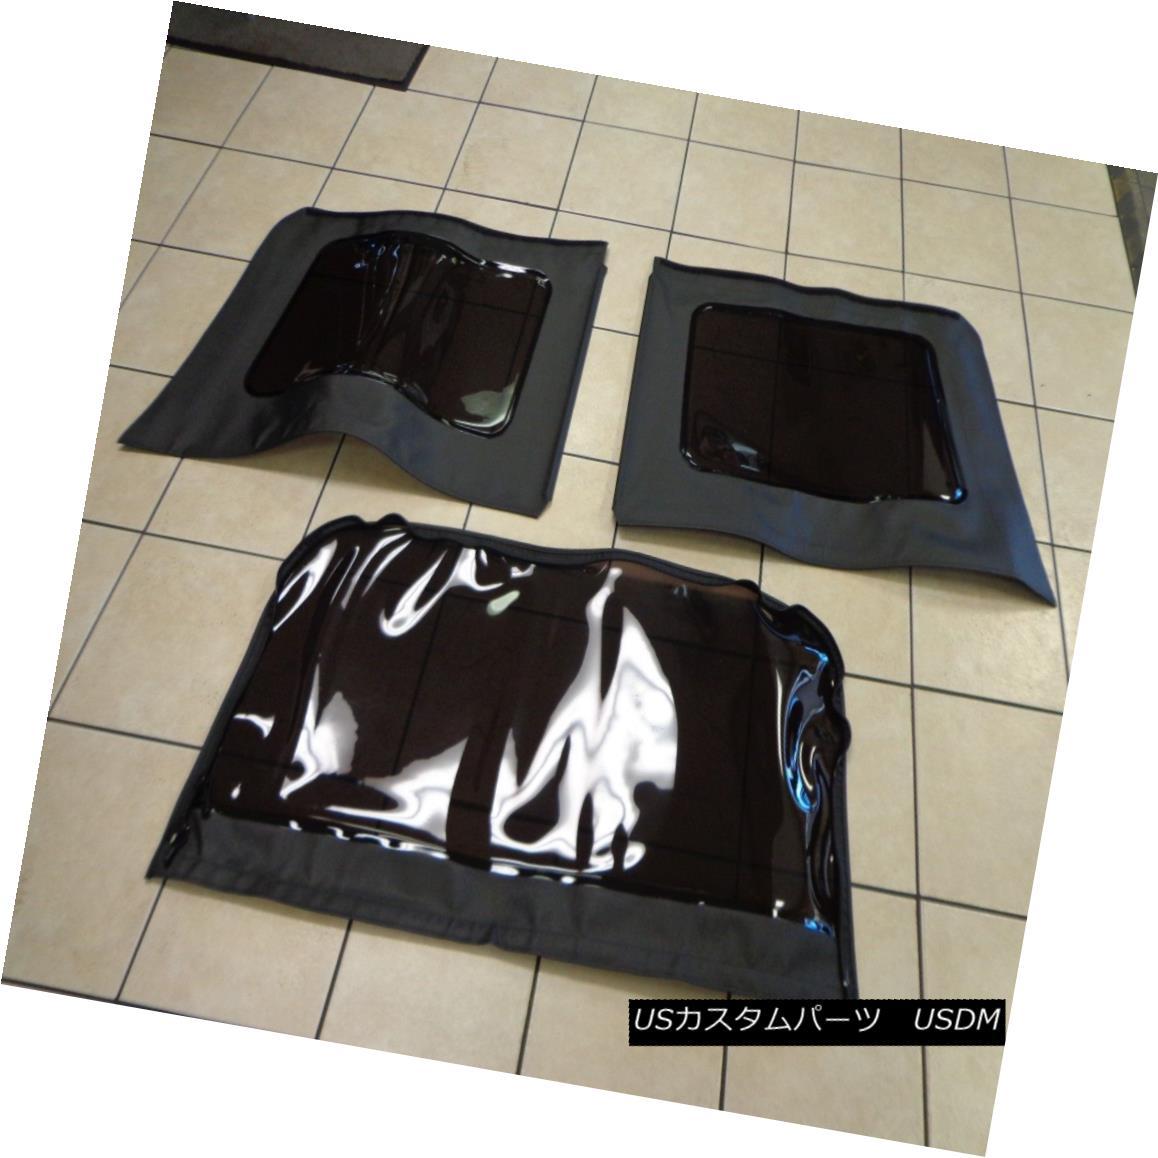 幌・ソフトトップ 11-16 Jeep Wrangler Dark Tinted Soft Top Windows Replacement Kit Black 4dr Mopar 11-16ジープラングラーダークティンテッドソフトトップウィンドウ交換キットブラック4dr Mopar